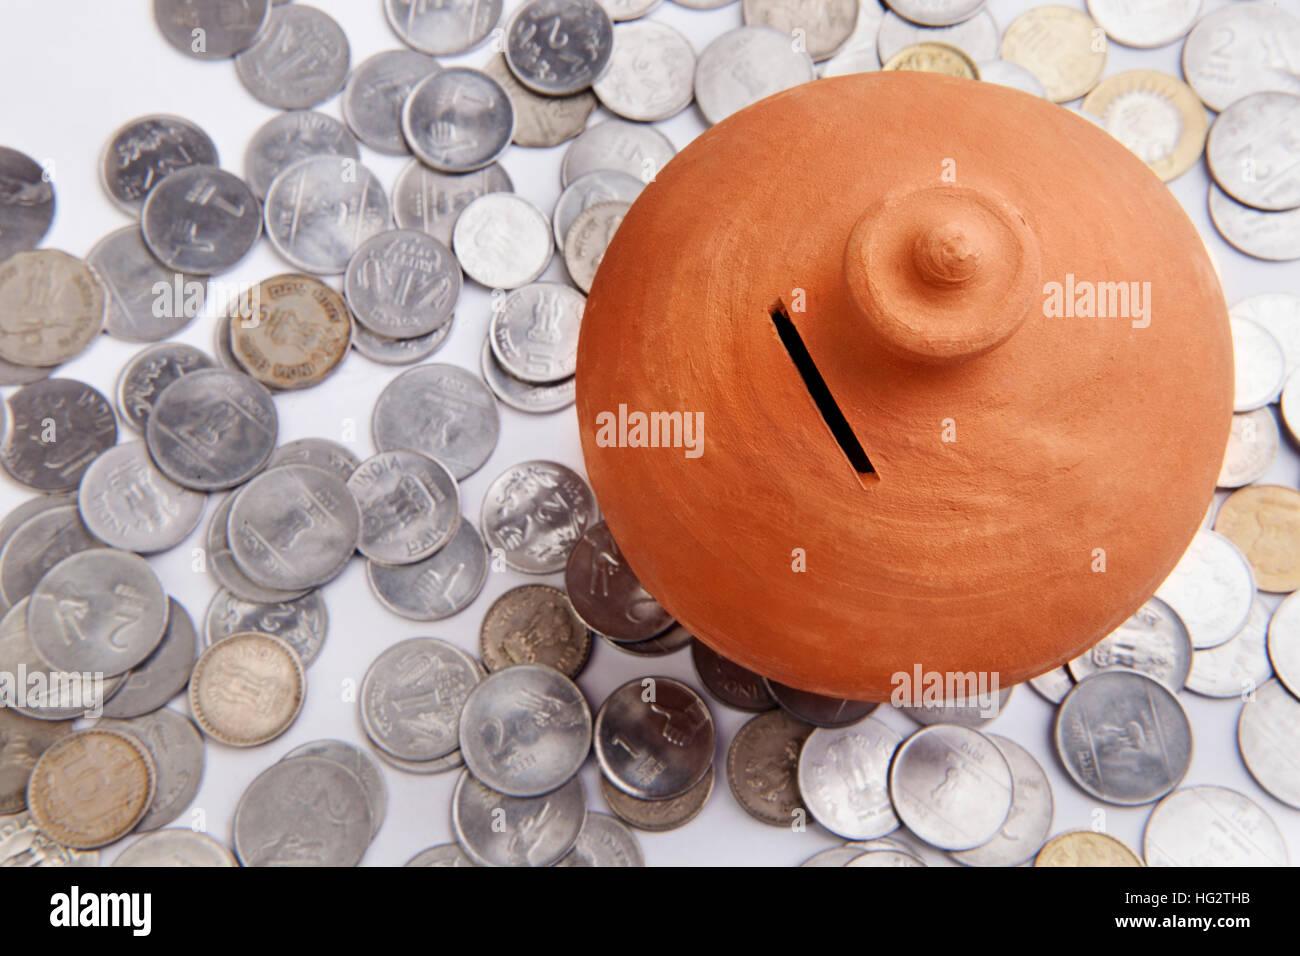 Rosa Sparschwein stehend auf Münzen Heap Stockbild